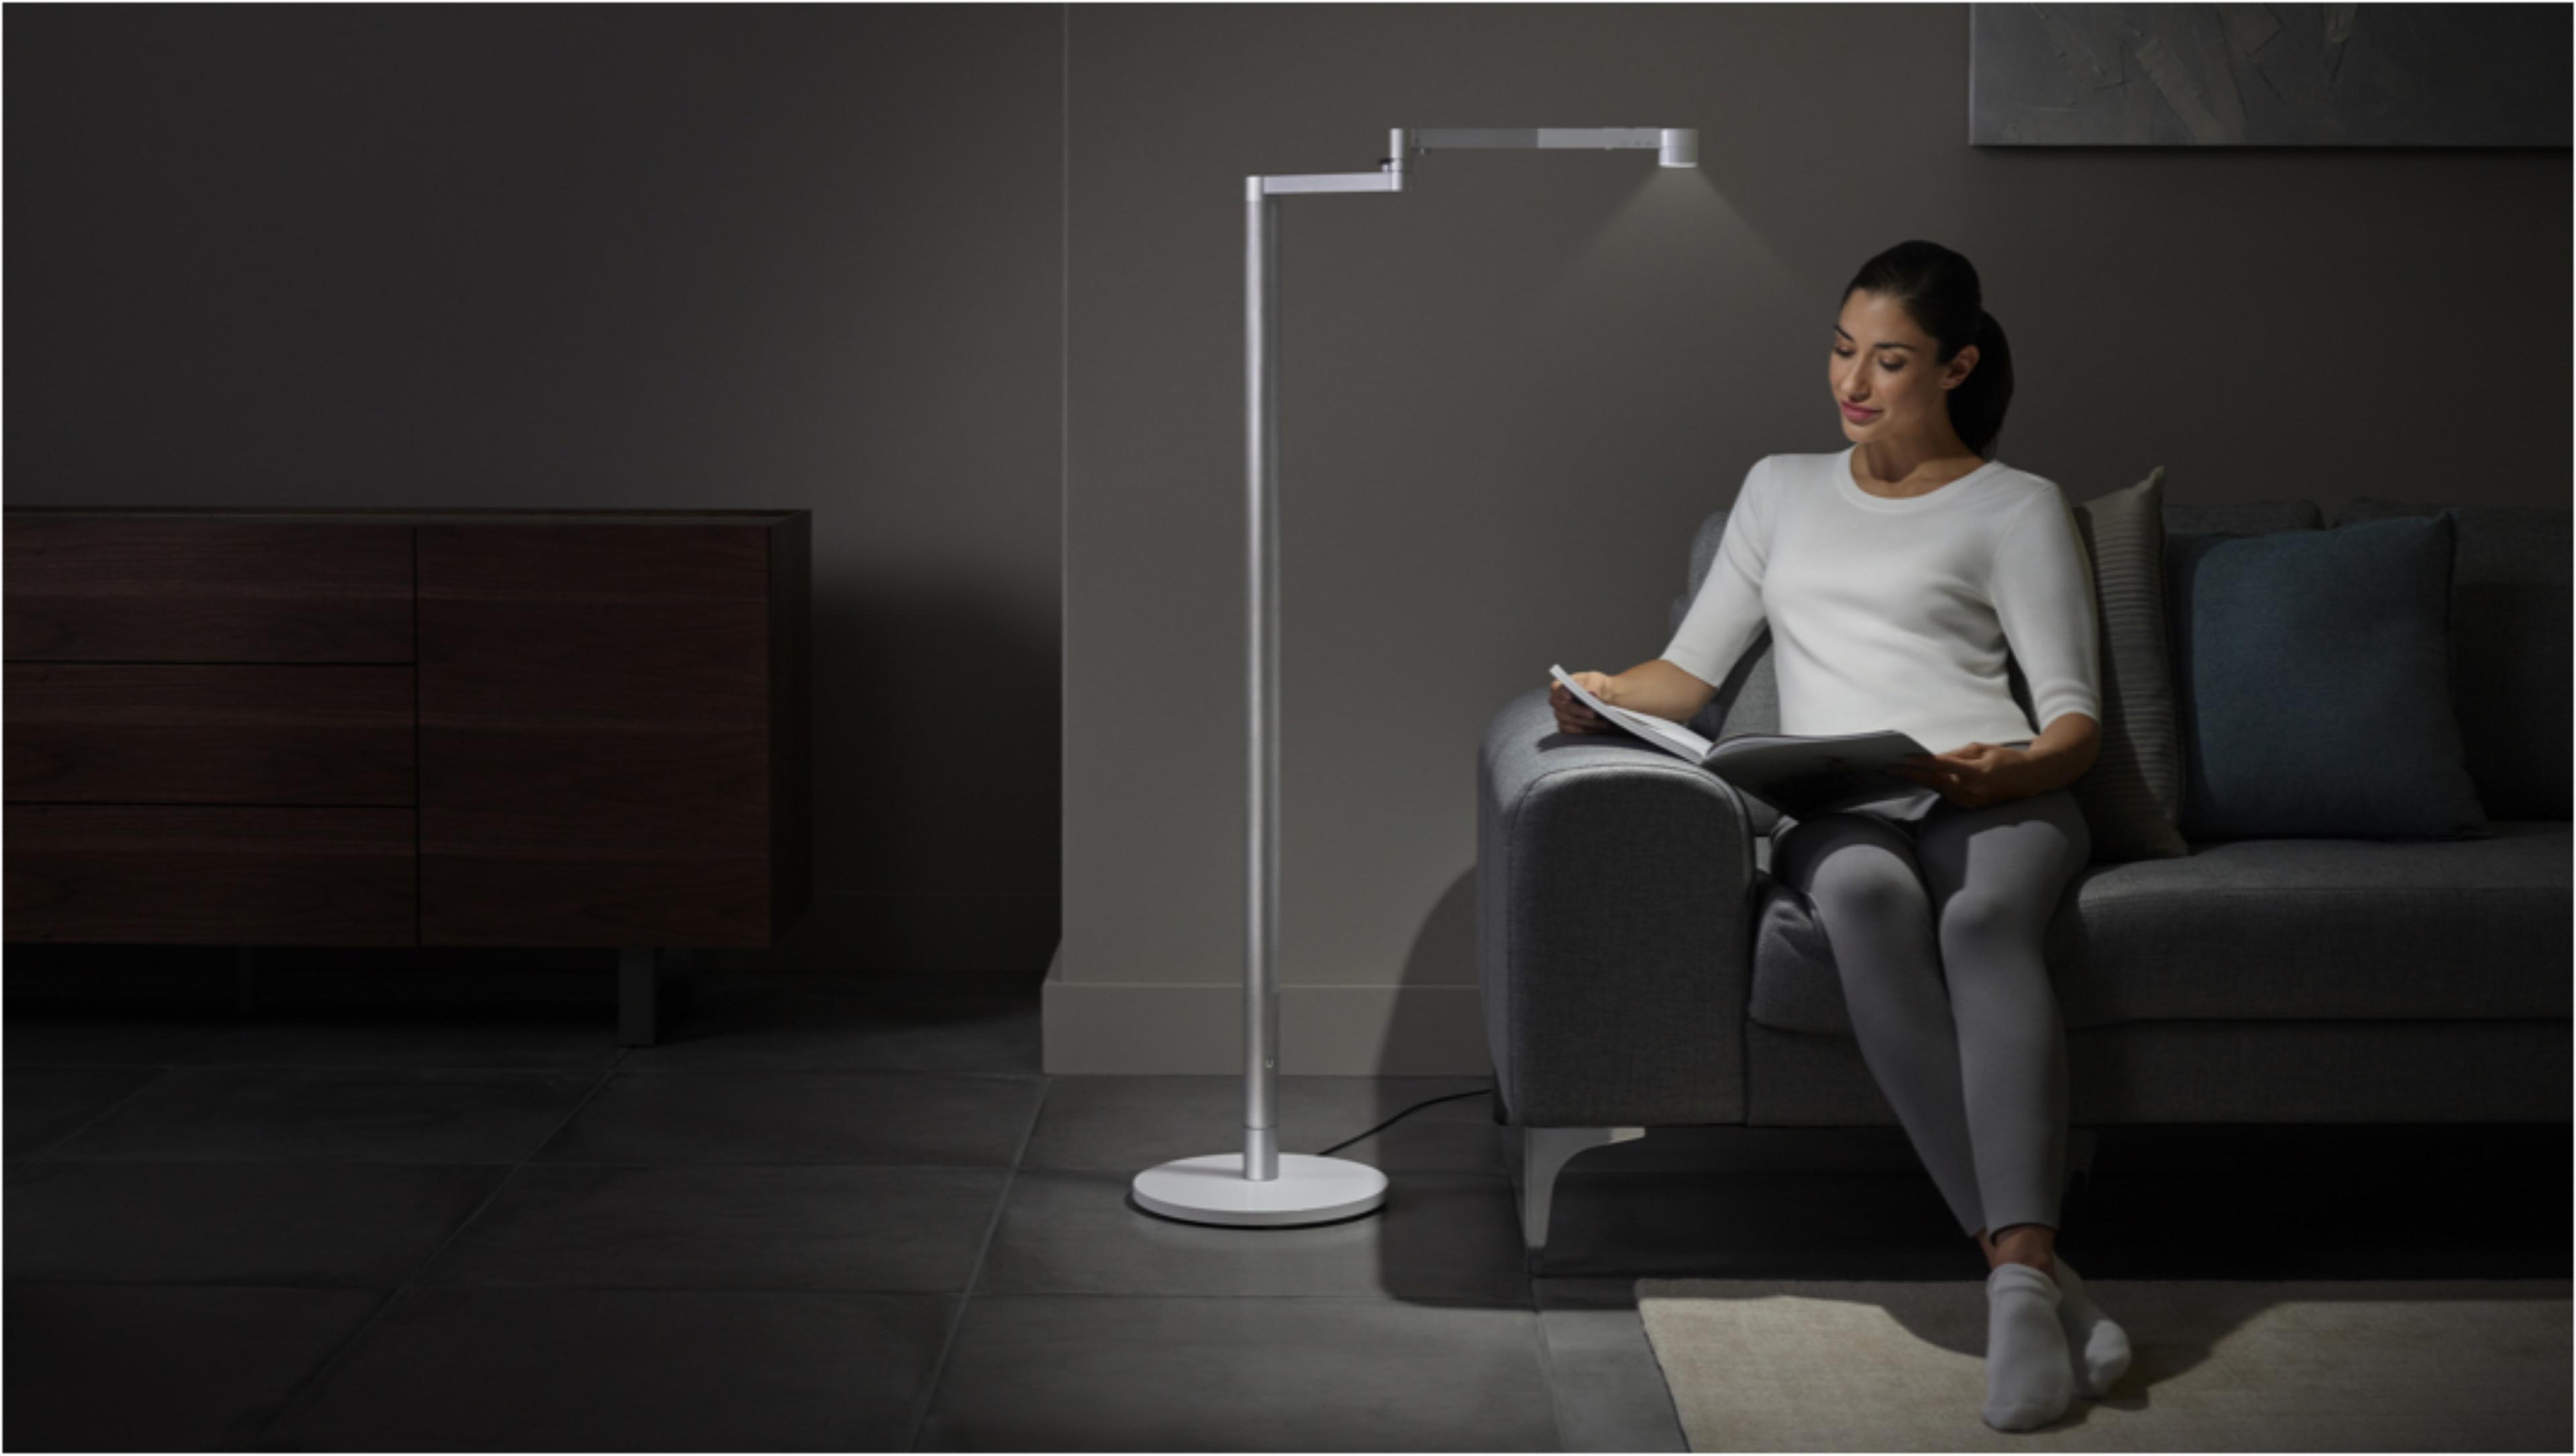 ผู้หญิงกำลังทำงานใต้แสงไฟแบบ Task จากโคมไฟ Dyson Lightcycle Morph